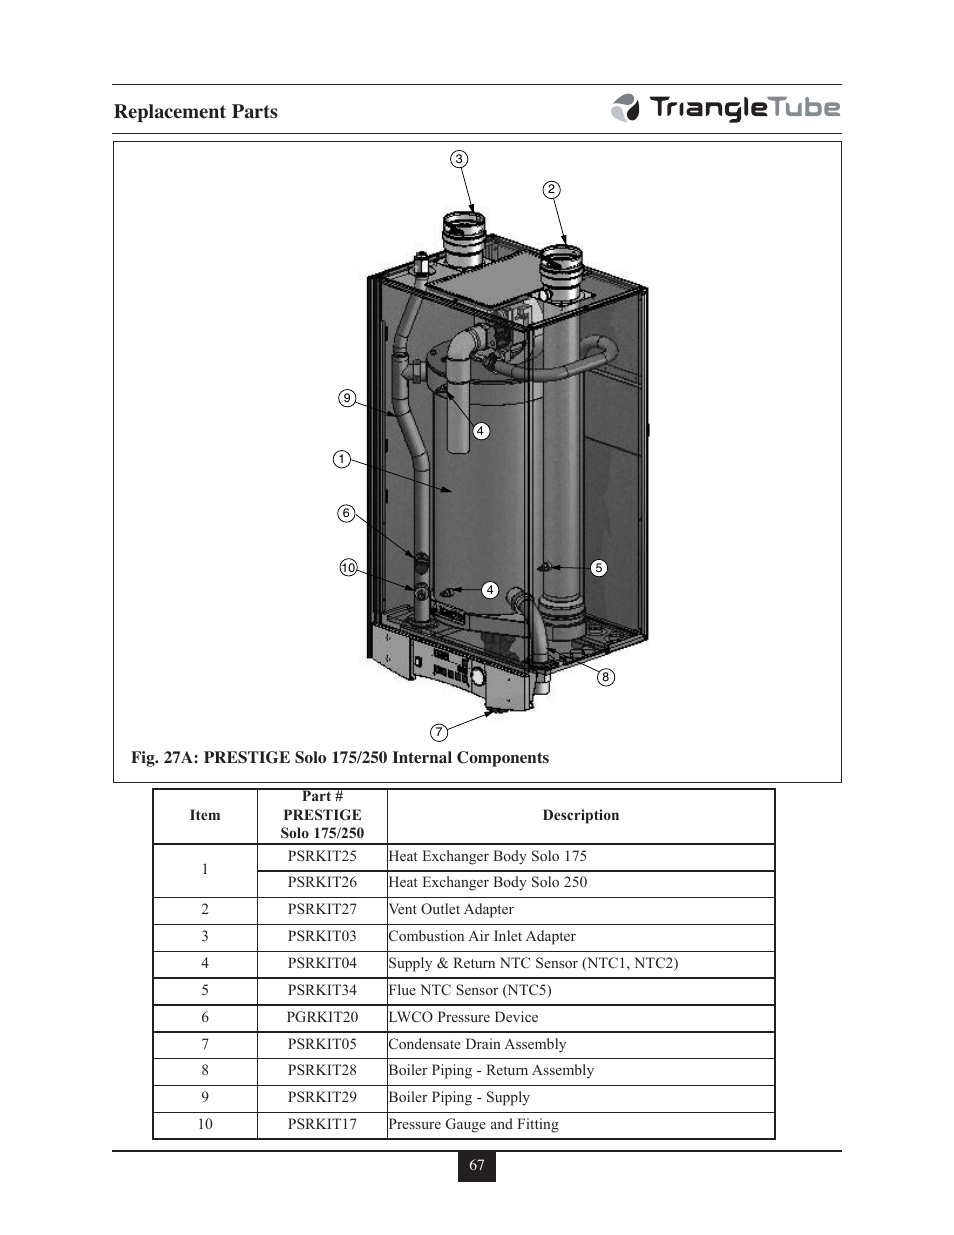 medium resolution of 73 part diagram